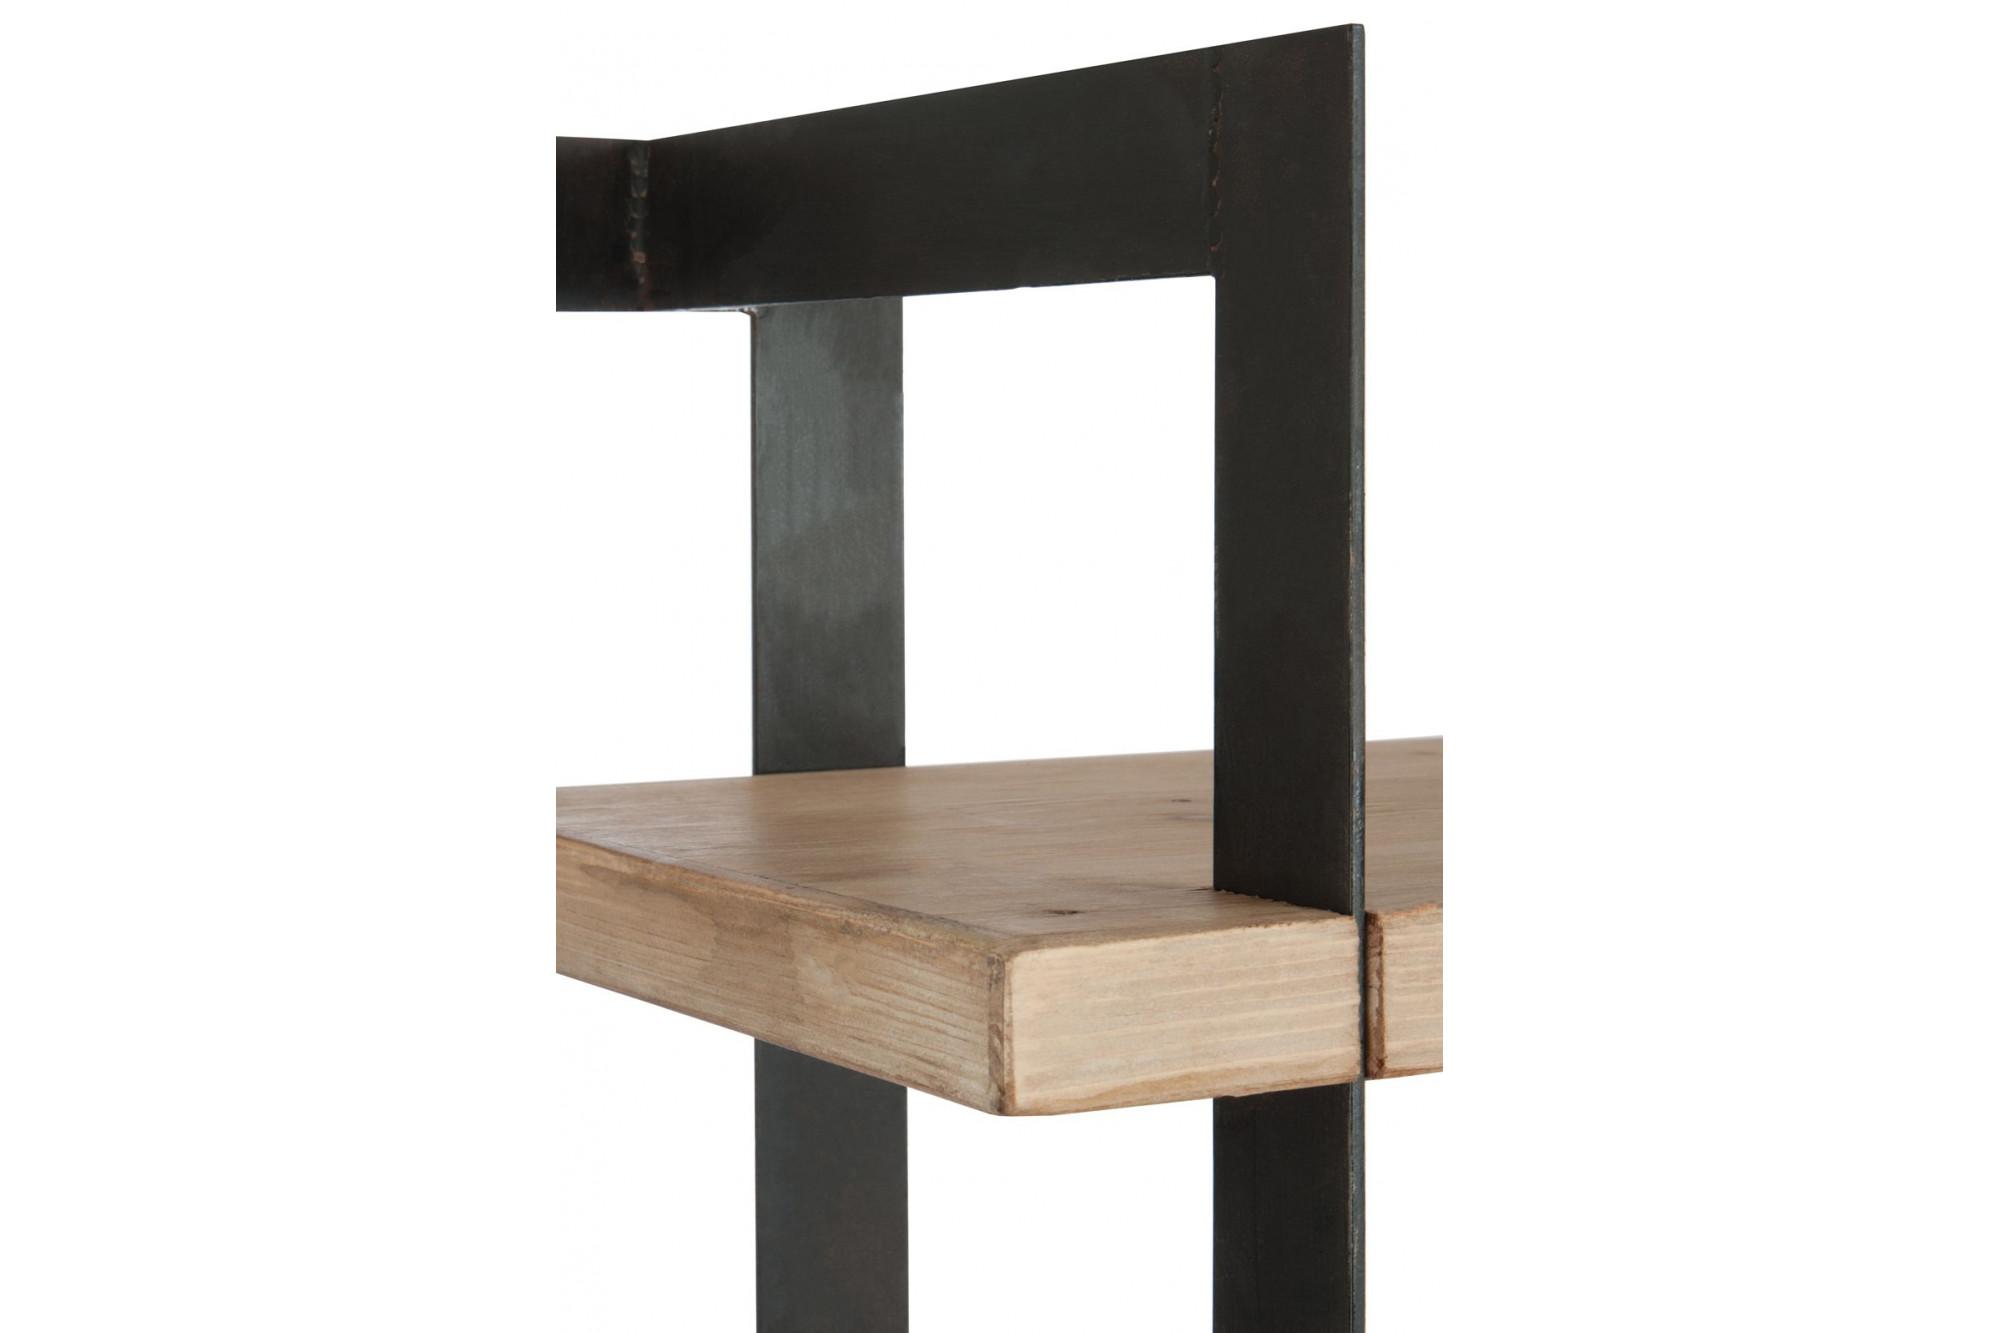 biblioth que moderne industriel bois m tal hellin. Black Bedroom Furniture Sets. Home Design Ideas